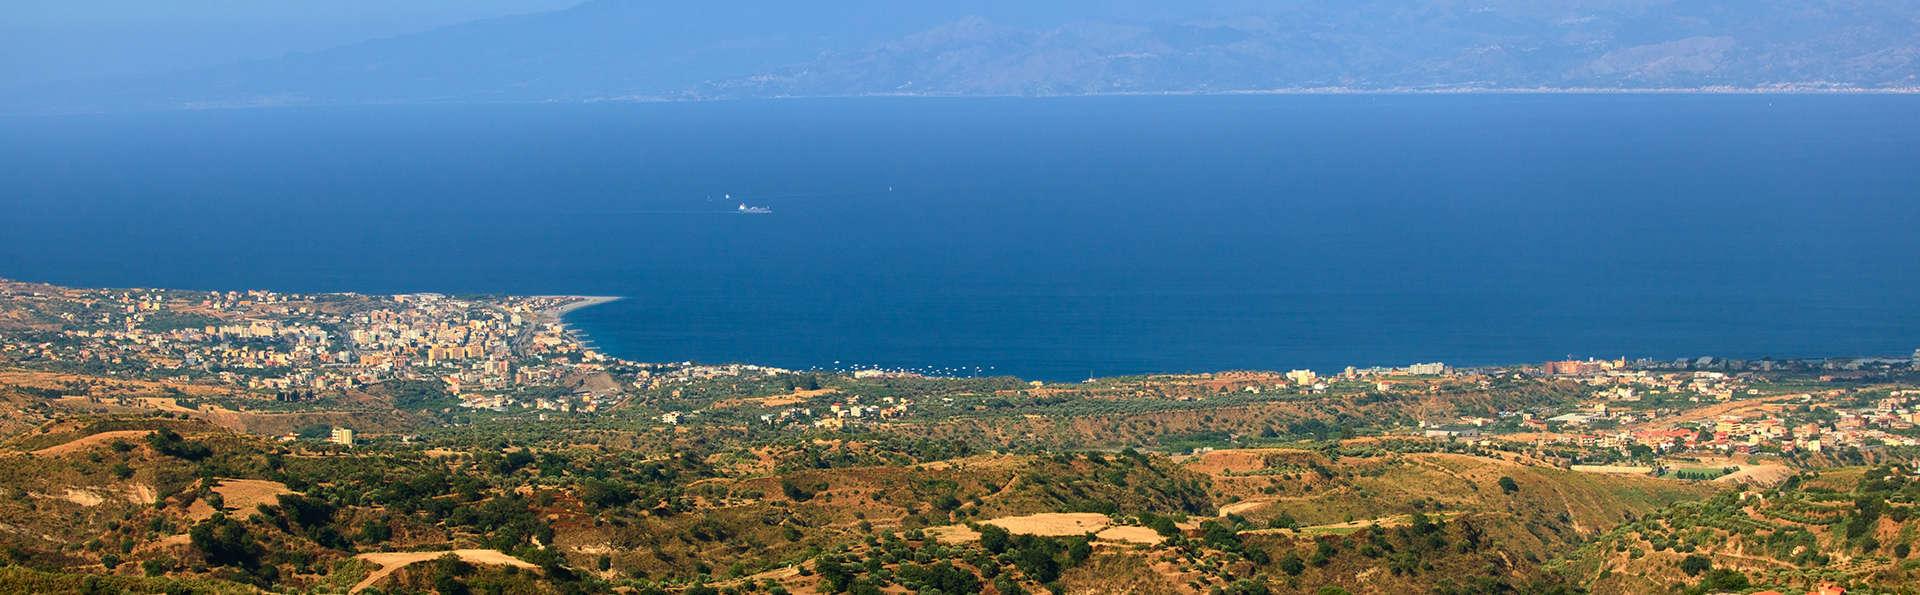 Reserva ahora y ahorra: 3 noches en un 5 * en Bovalino Marina, en la Costa dei Gelsomini